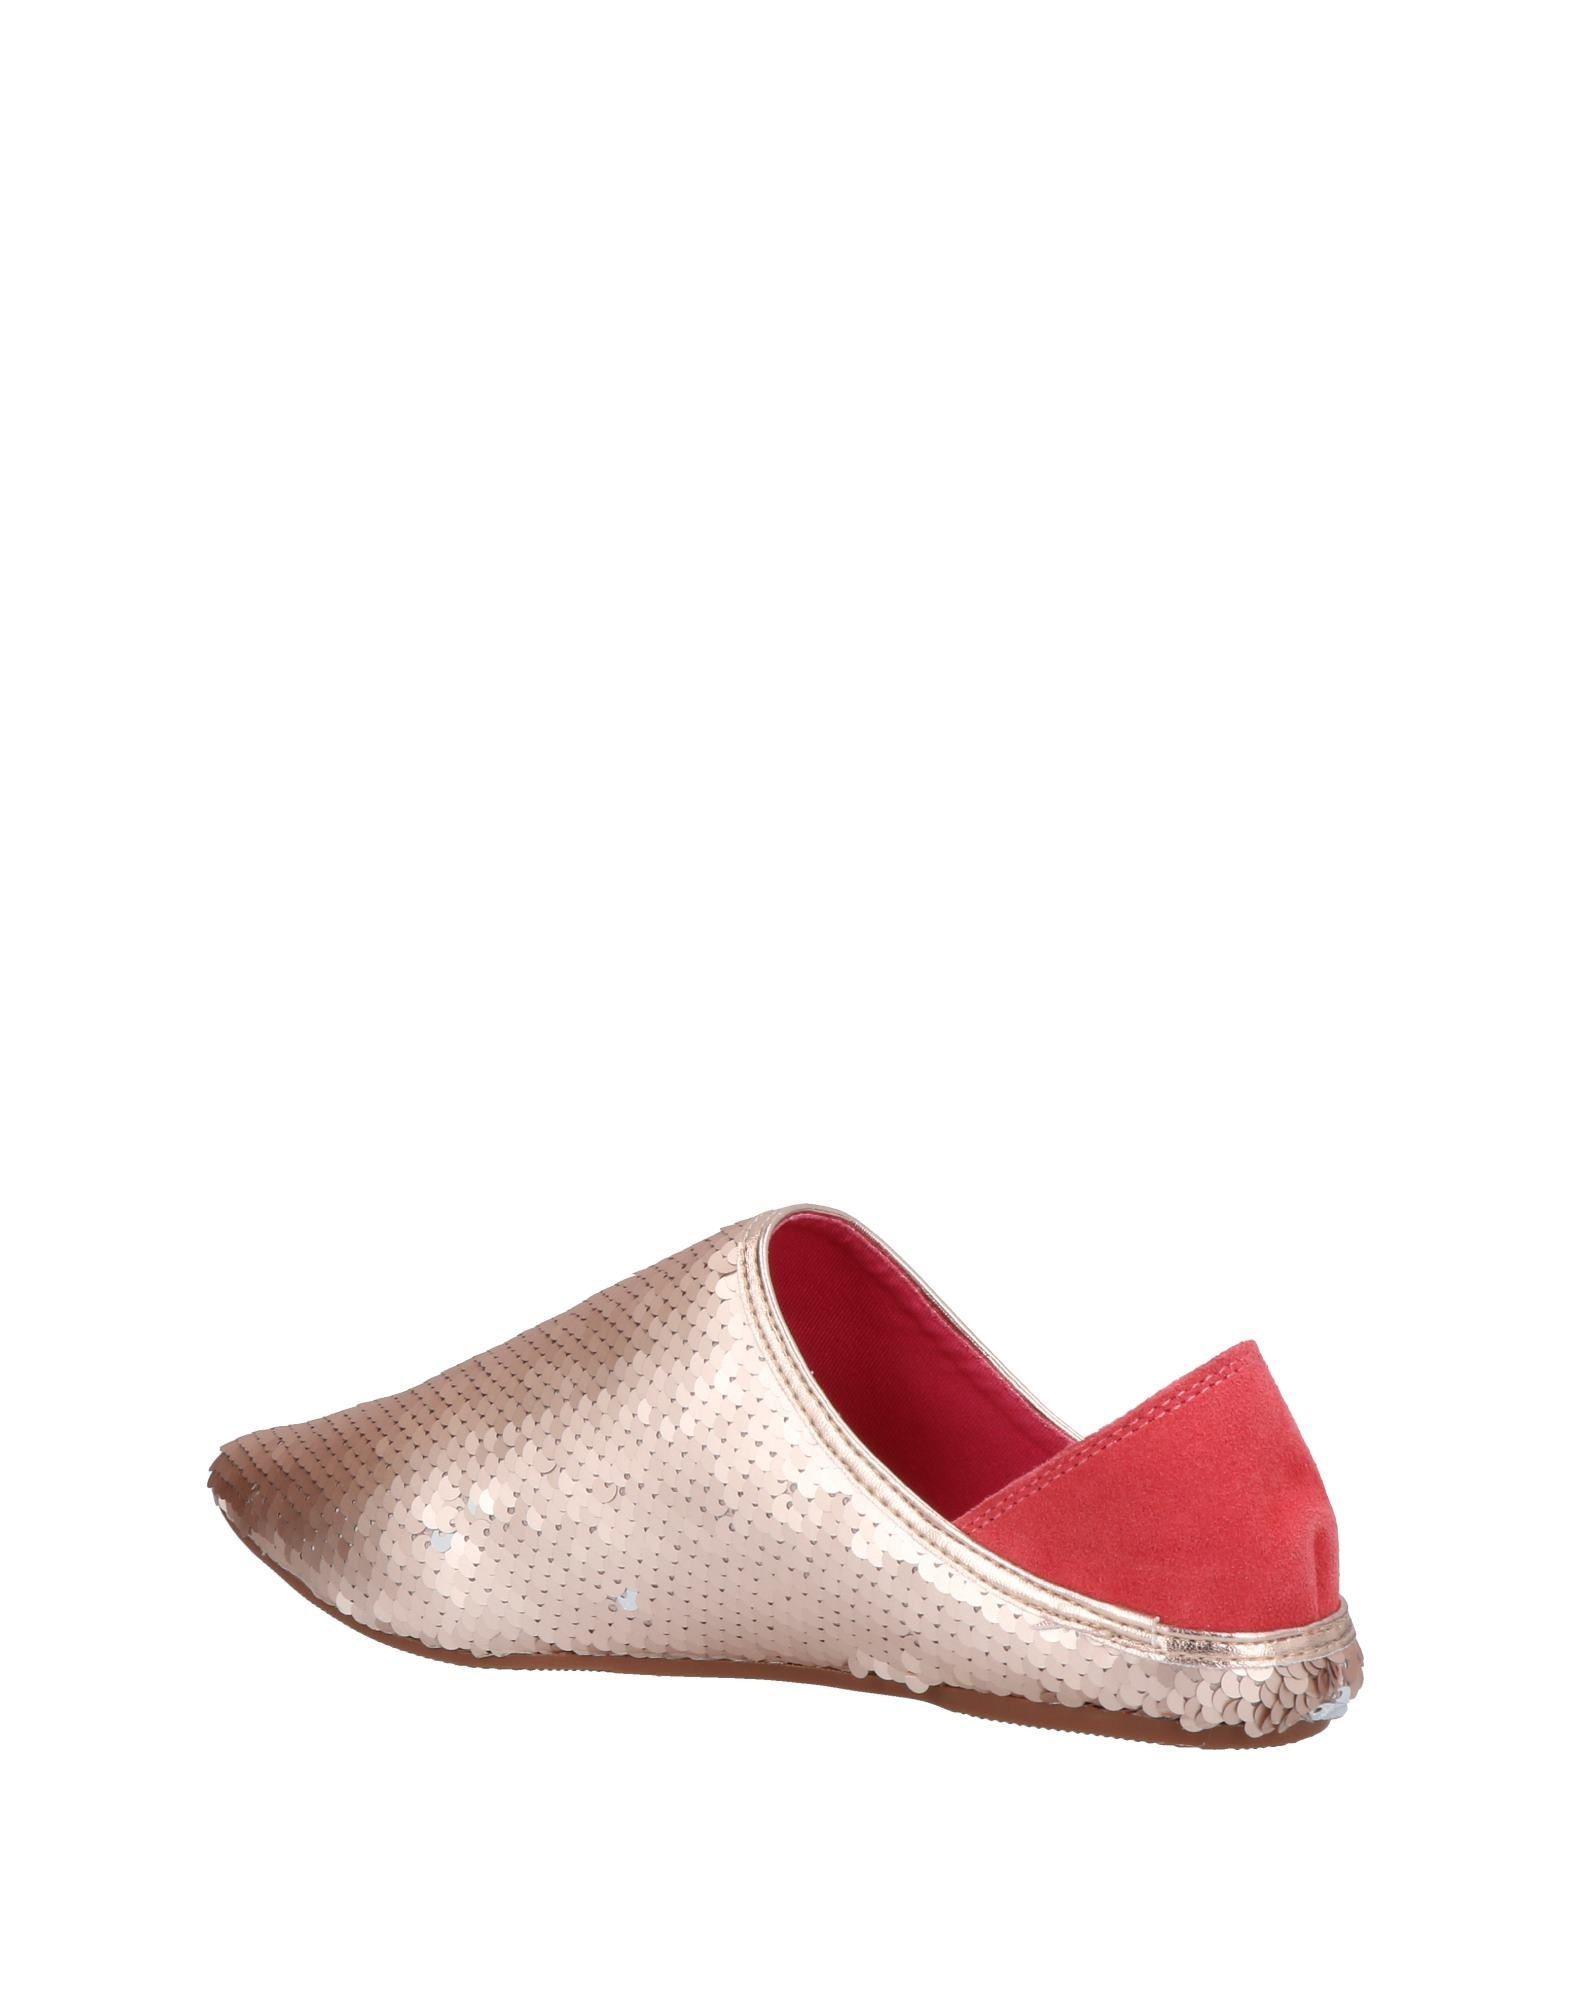 Chaussures - Mocassins Couleurs De La Californie EFVFrpUF7